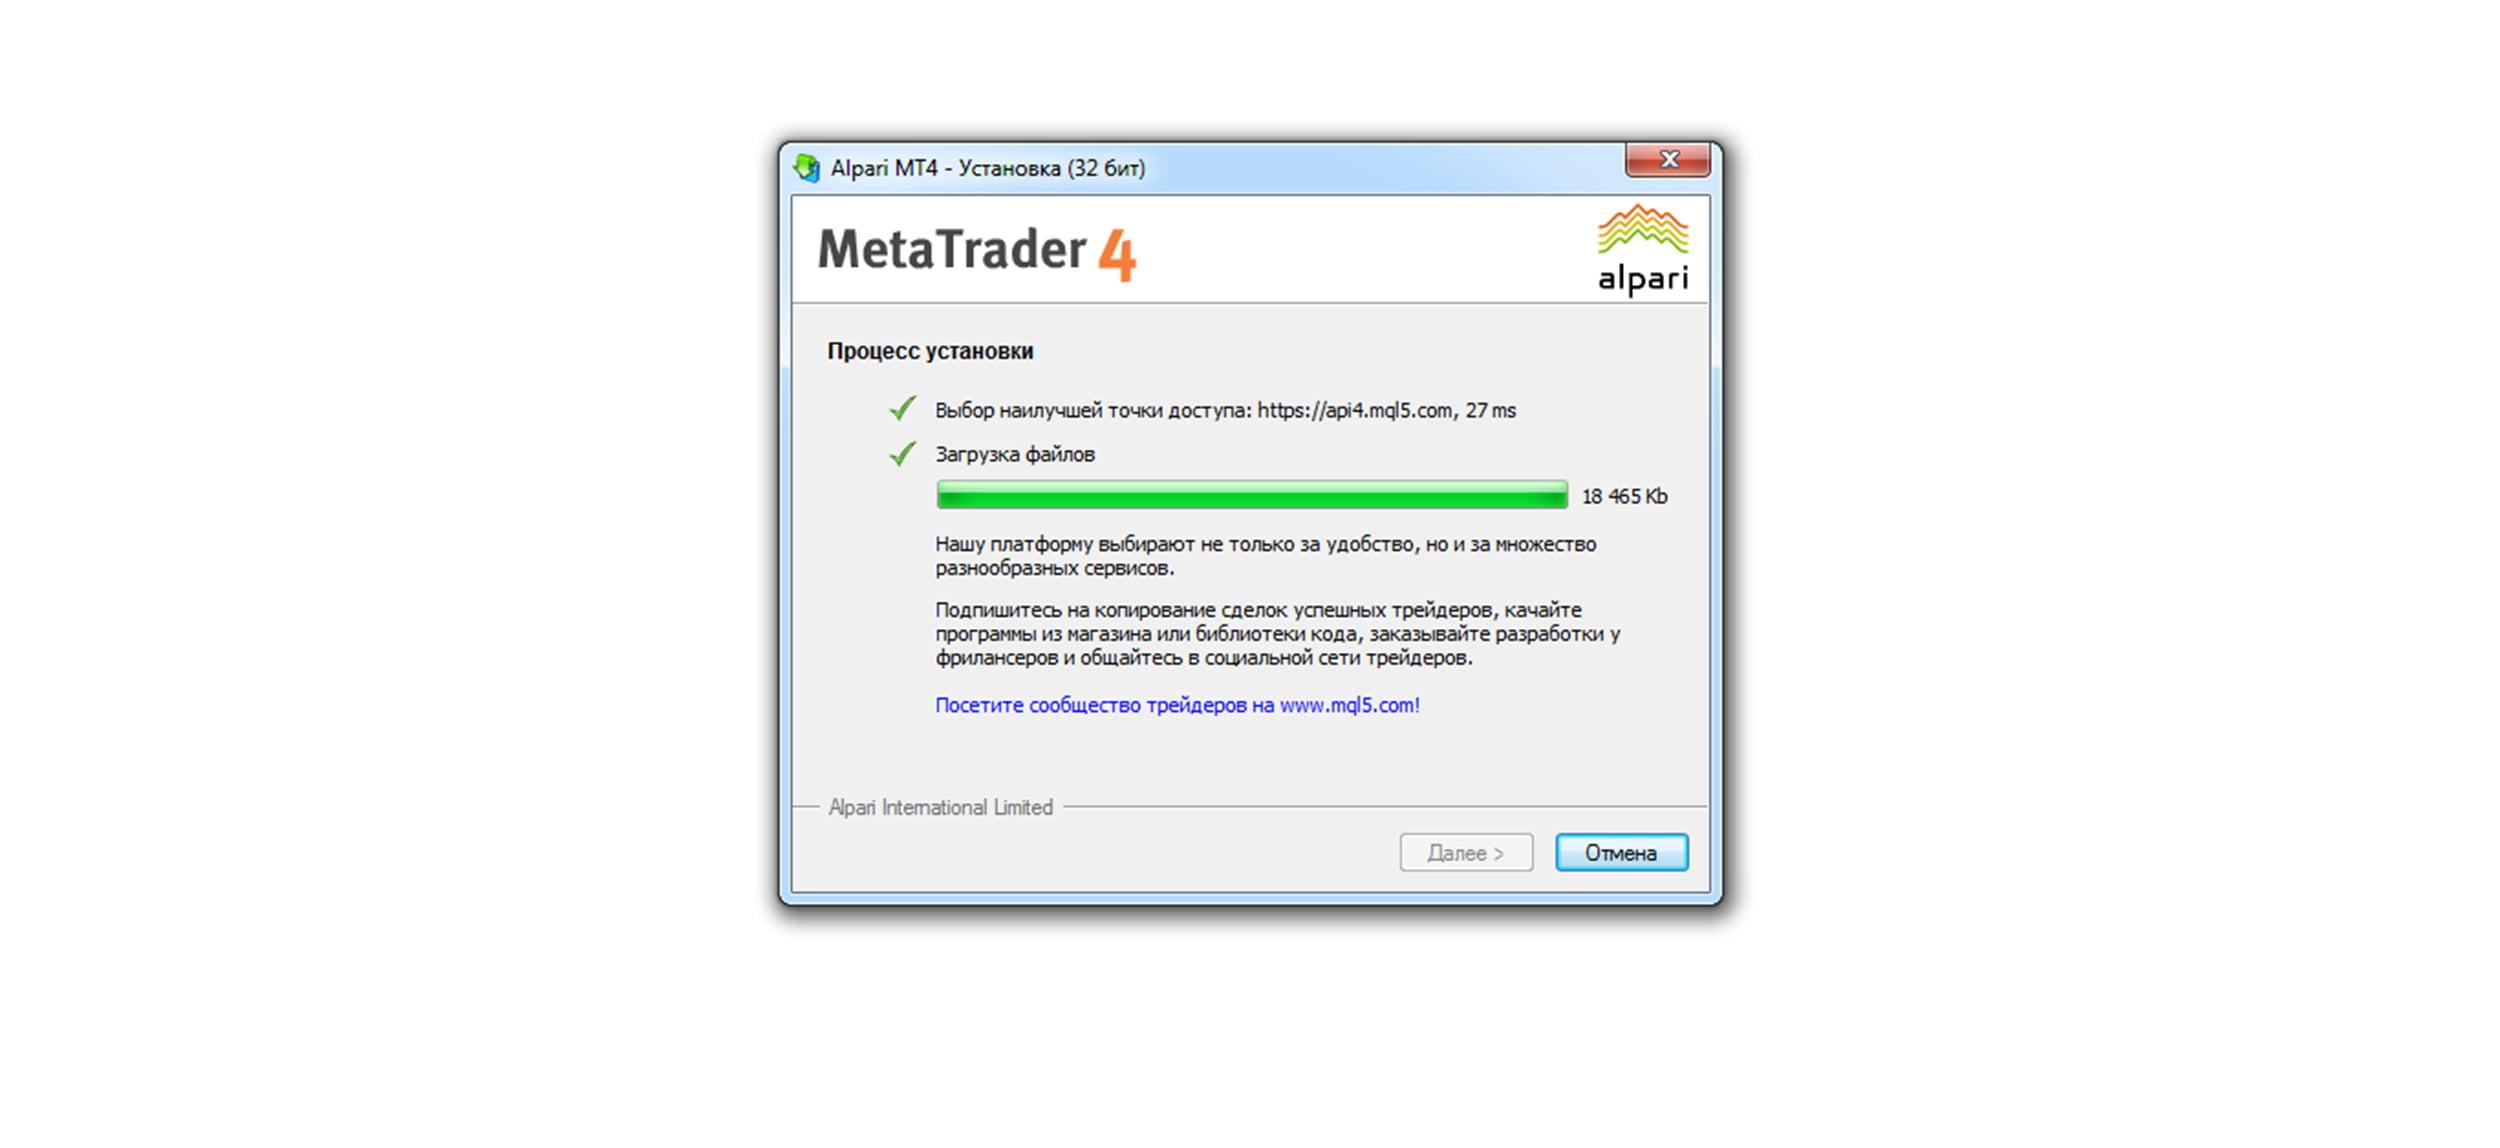 Дождитесь завершения загрузки Метатрейдер 4